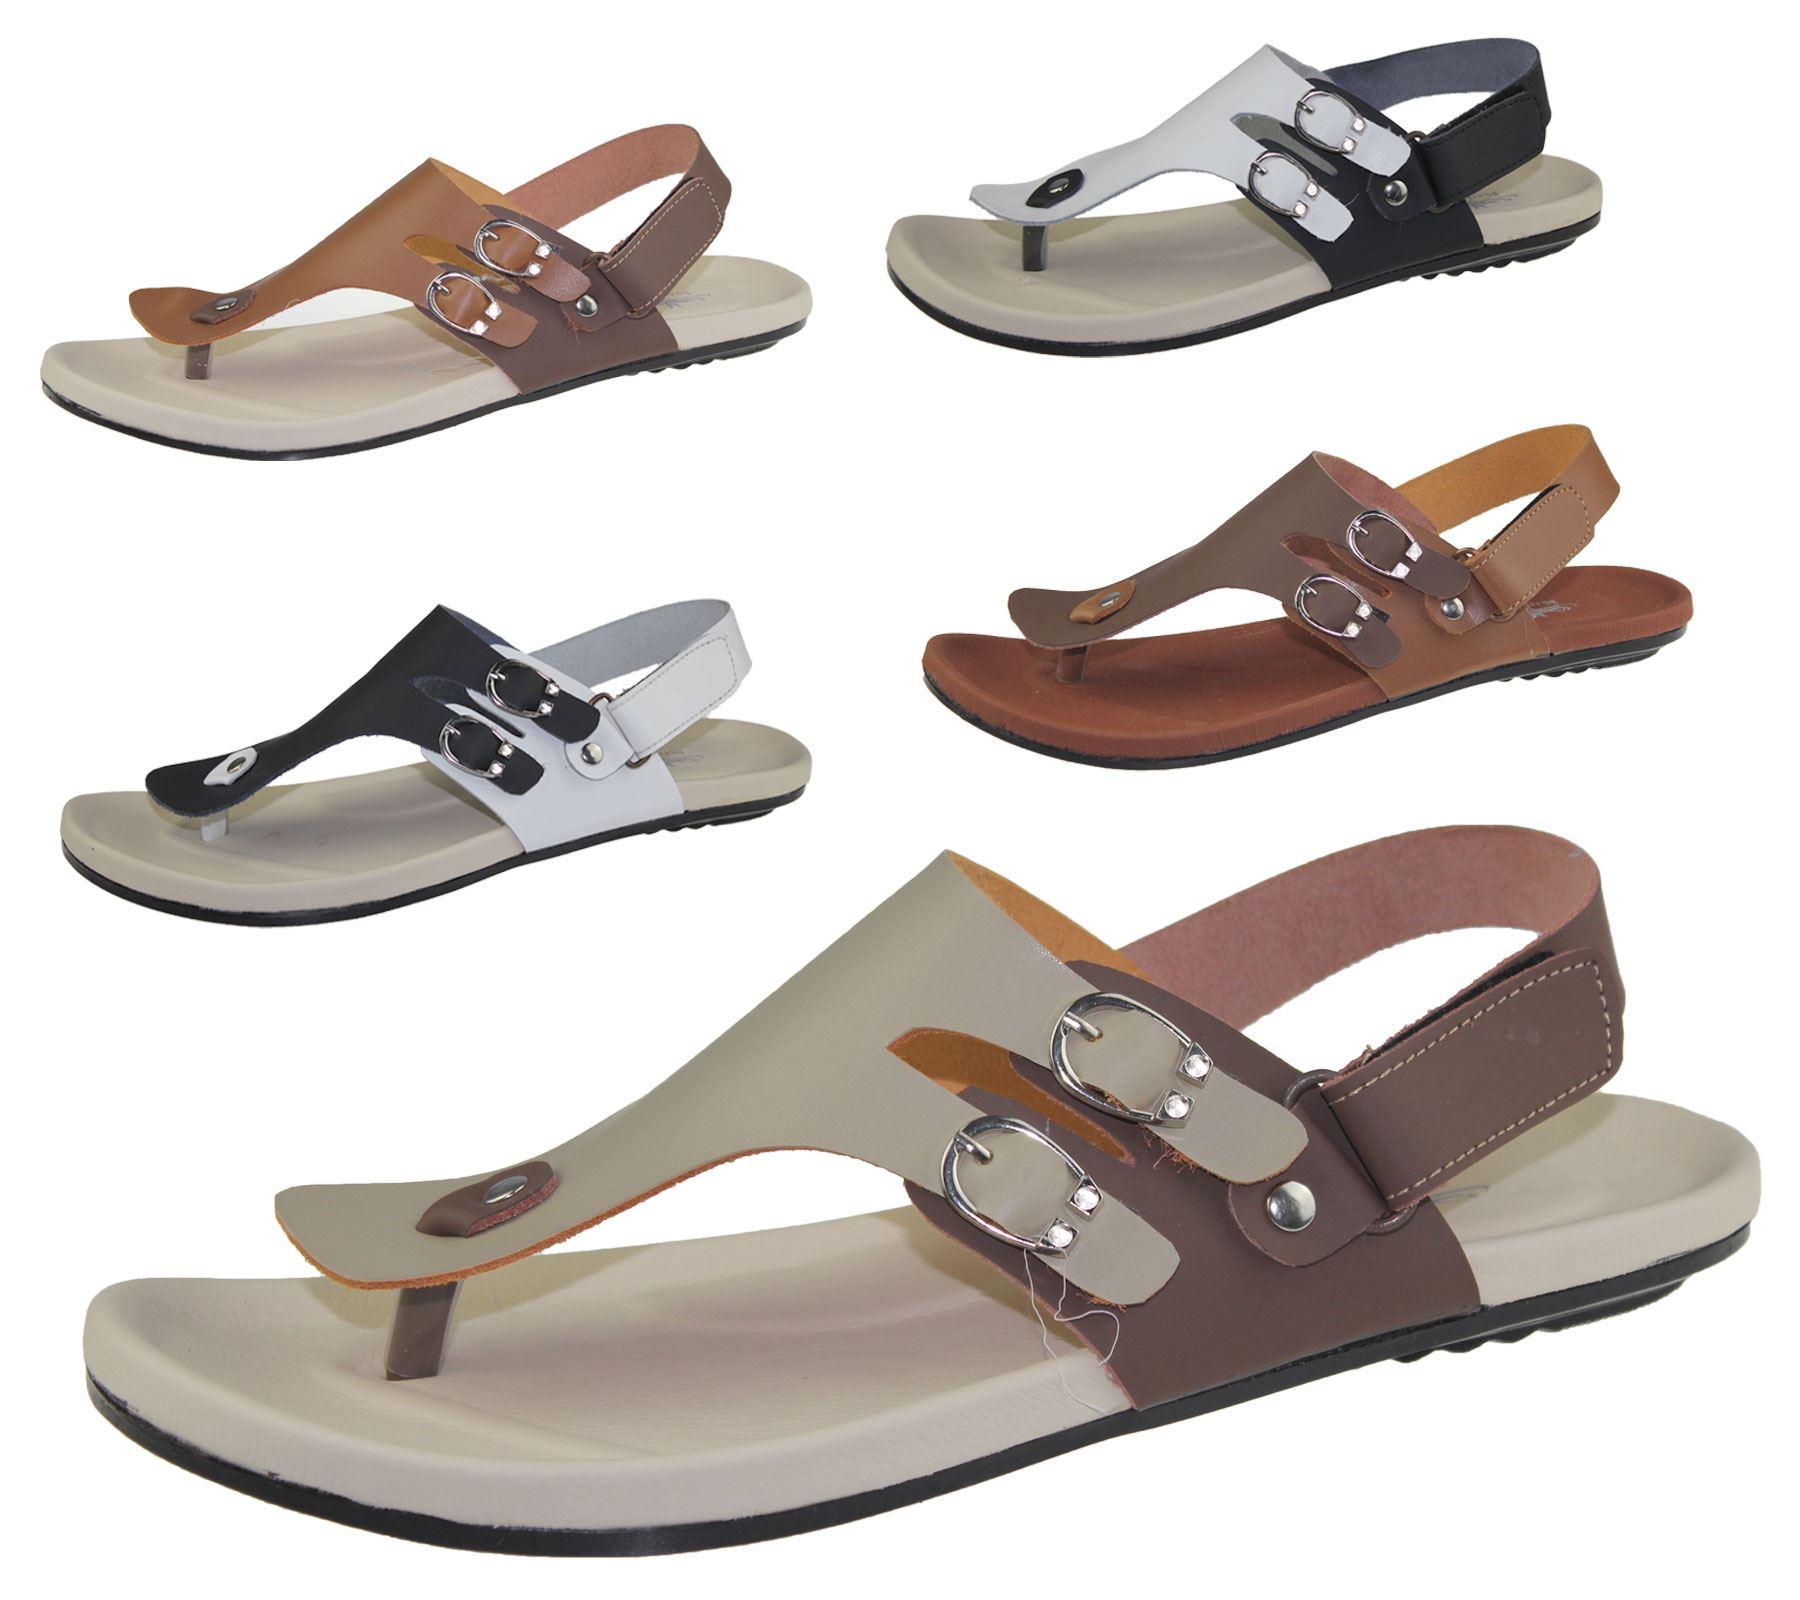 Da Uomo Donne Sandali Casual Spiaggia Moda RAGAZZI A PASSEGGIO Pantofola Infradito Taglia